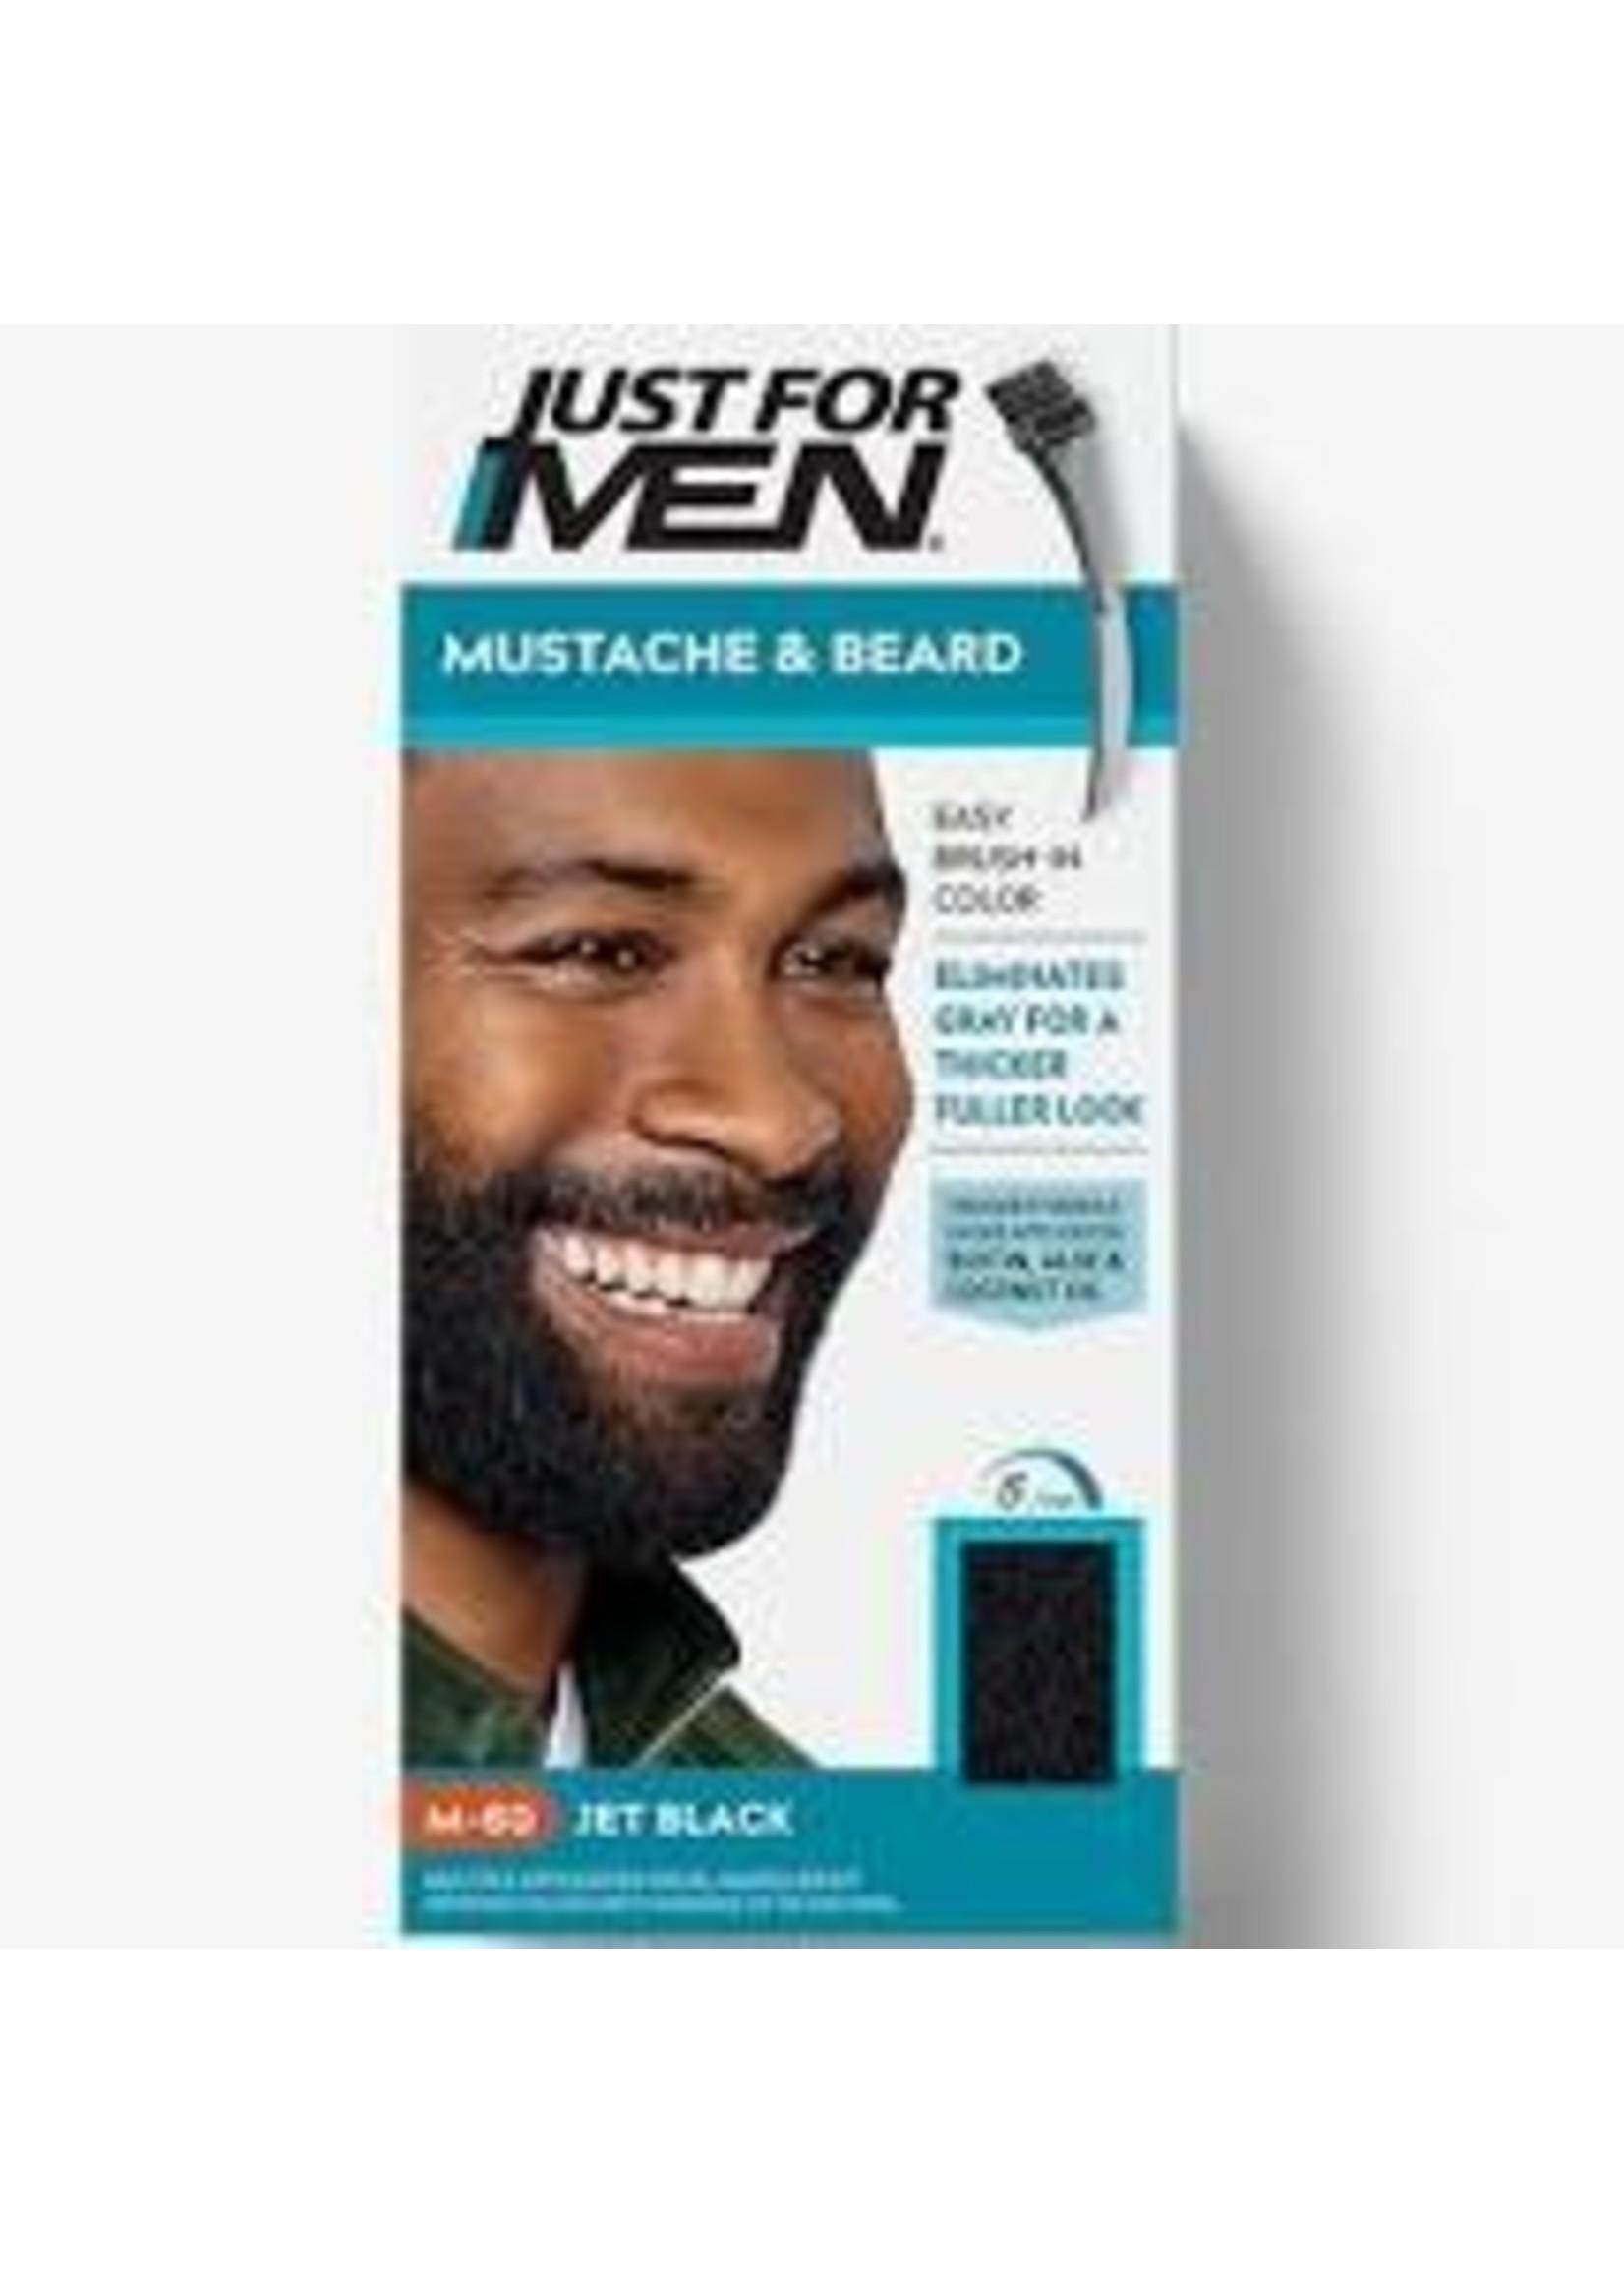 Just For Men Mustache & Beard Jet Black